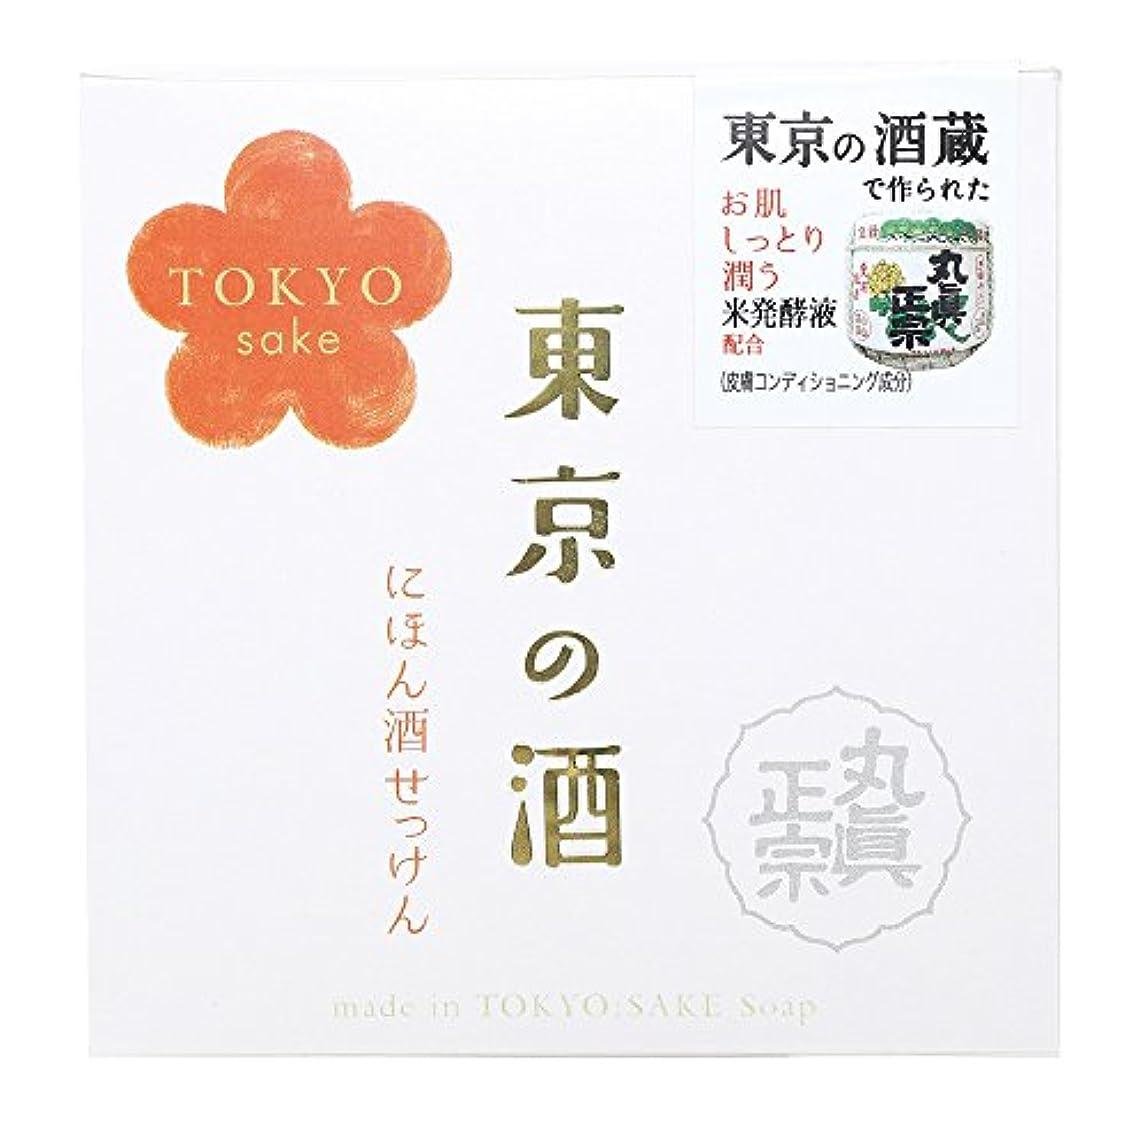 ミル出撃者三角形ノルコーポレーション 東京の酒 石けん OB-TKY-1-1 100g